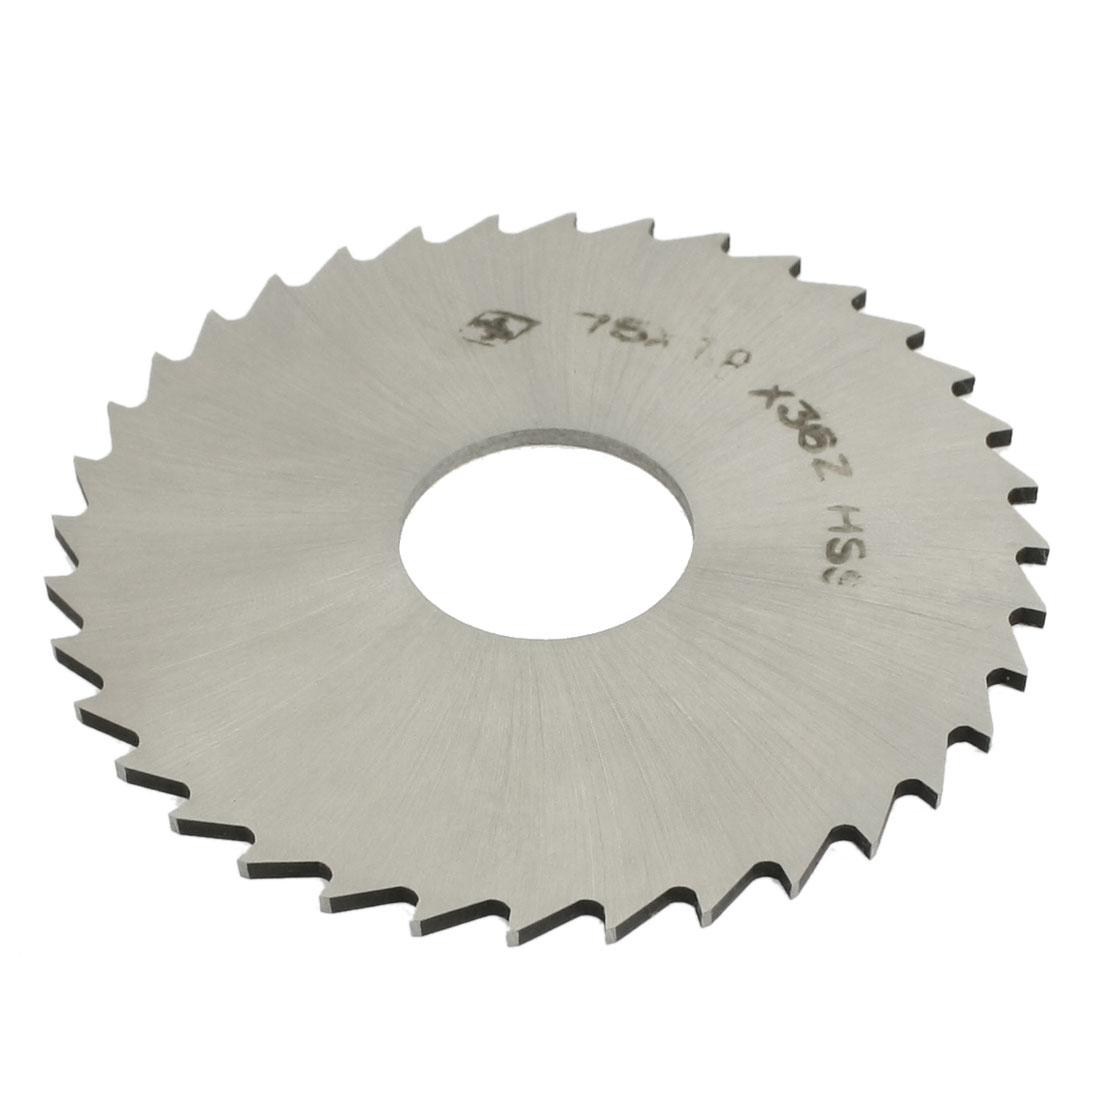 75mm x 1.8mm x 22mm Milling Cutter 36T Slitting Saw Silver Tone